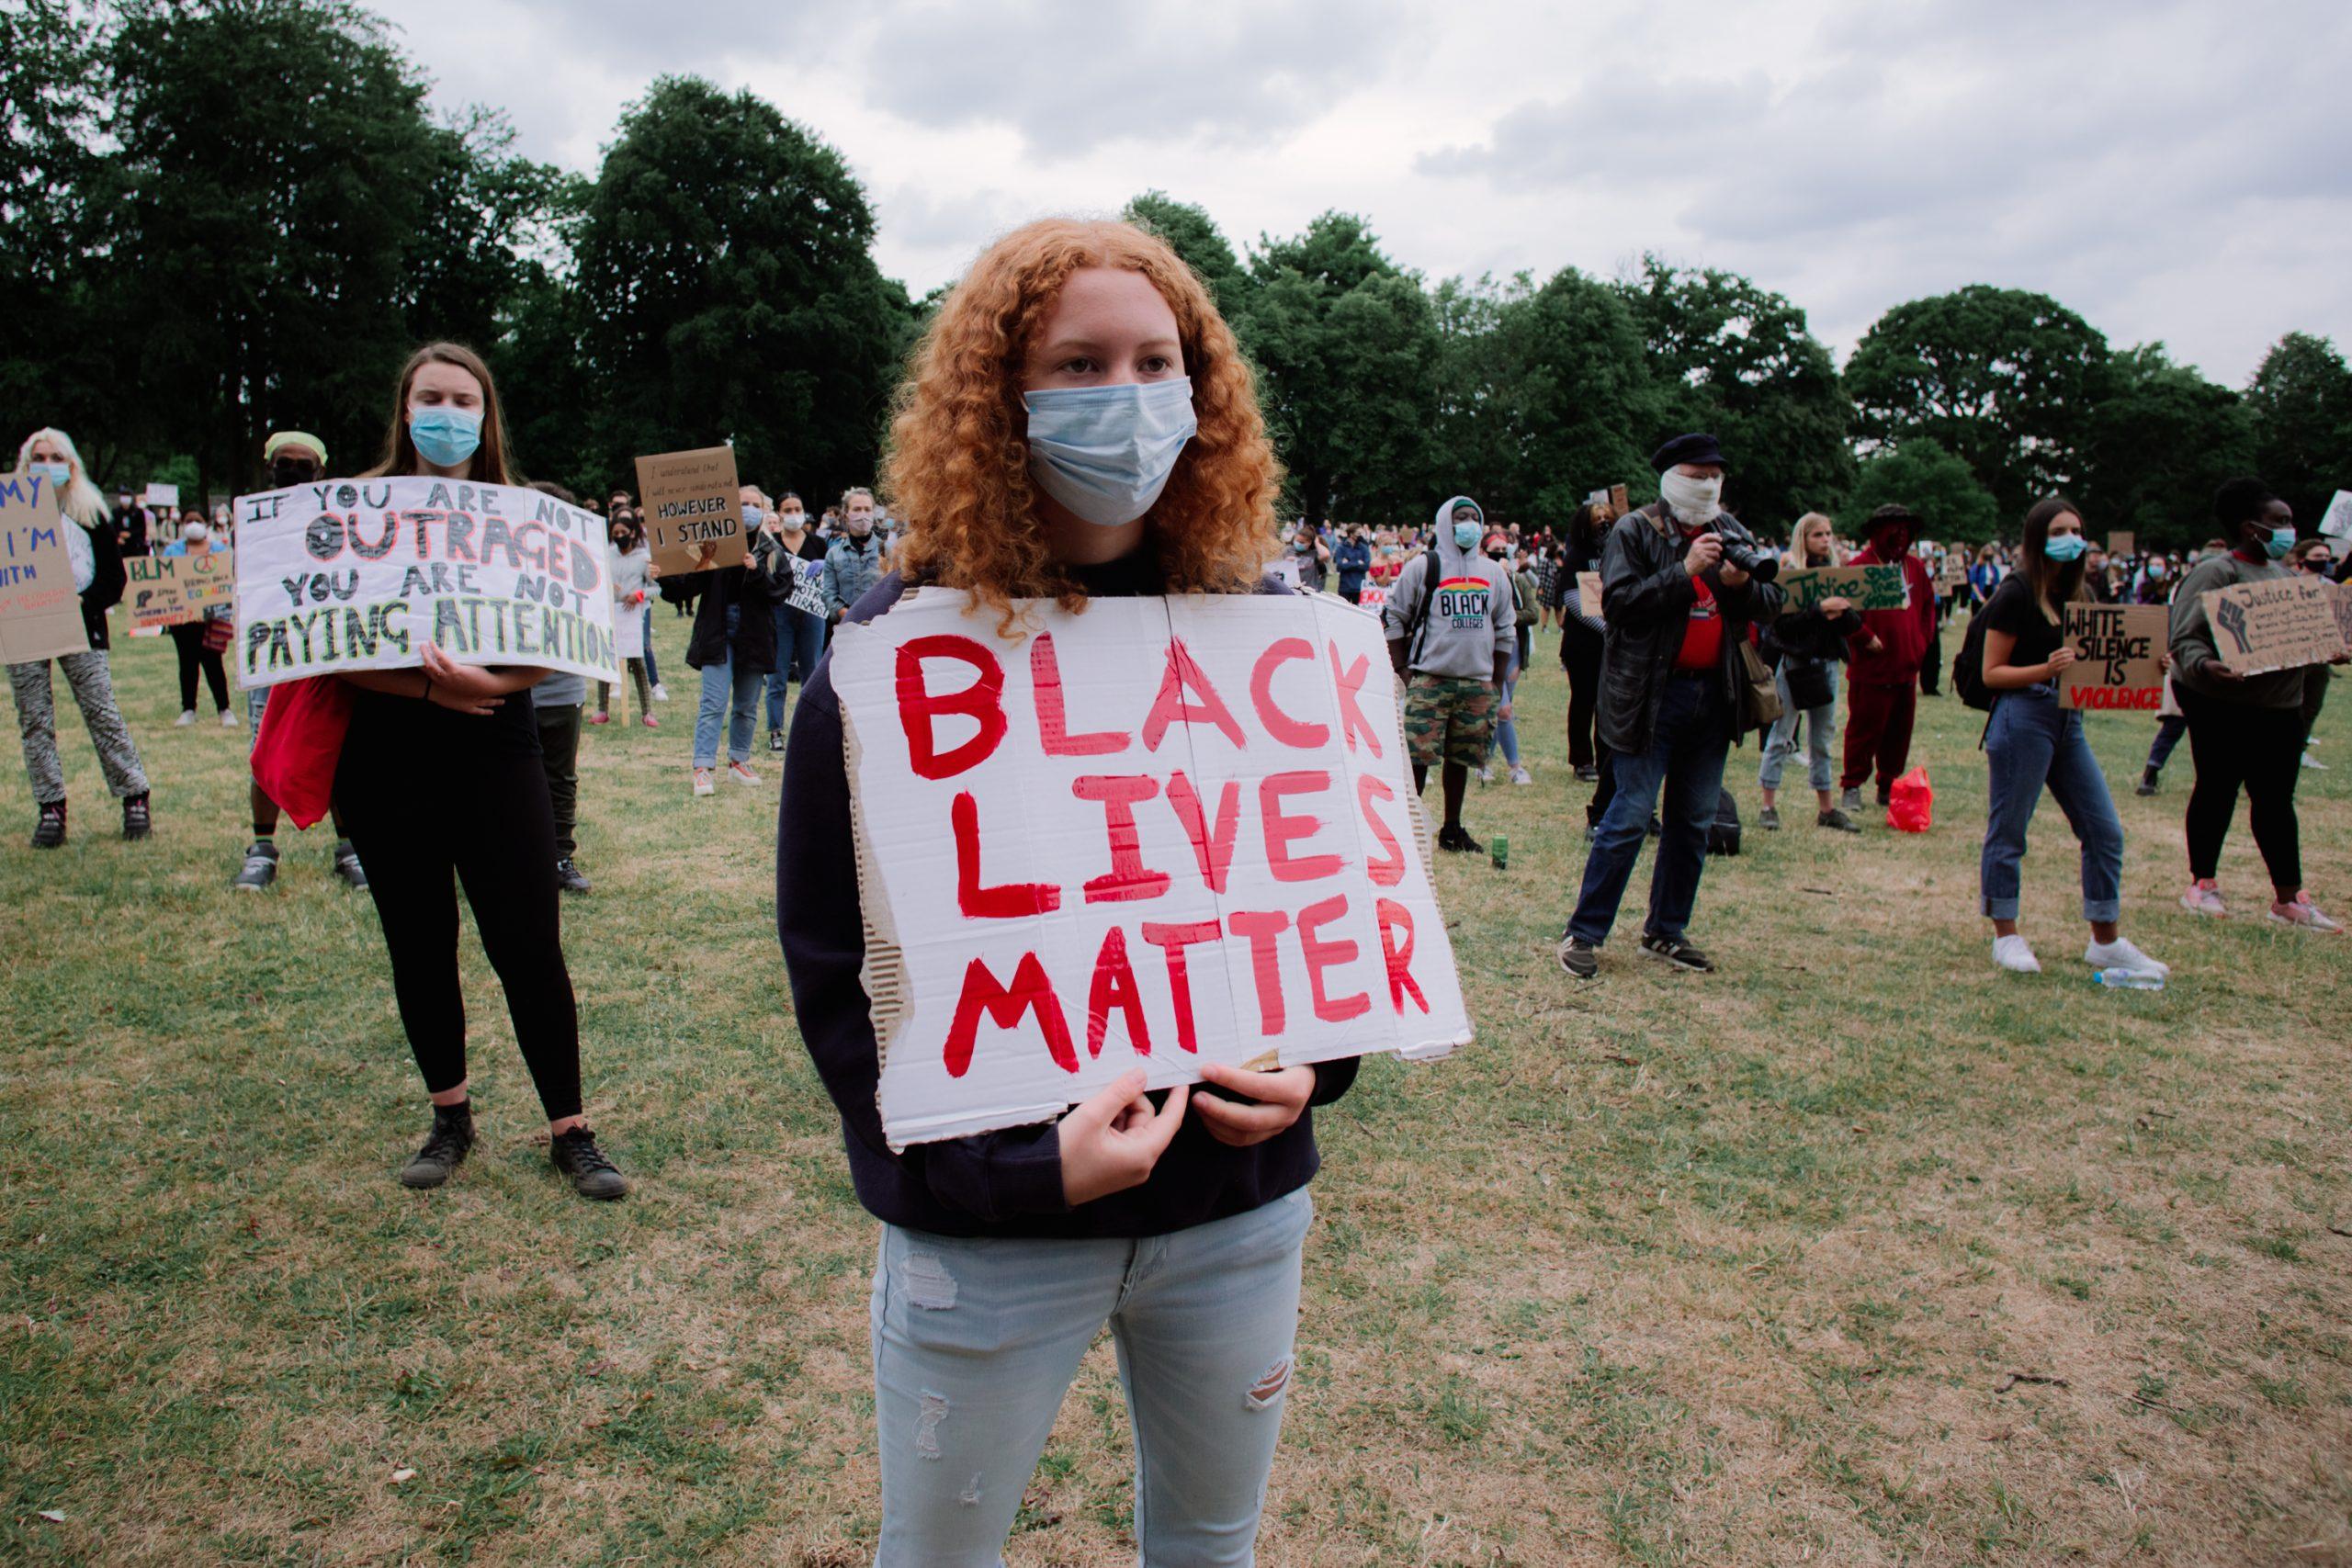 Black Lives Matter - Oxford